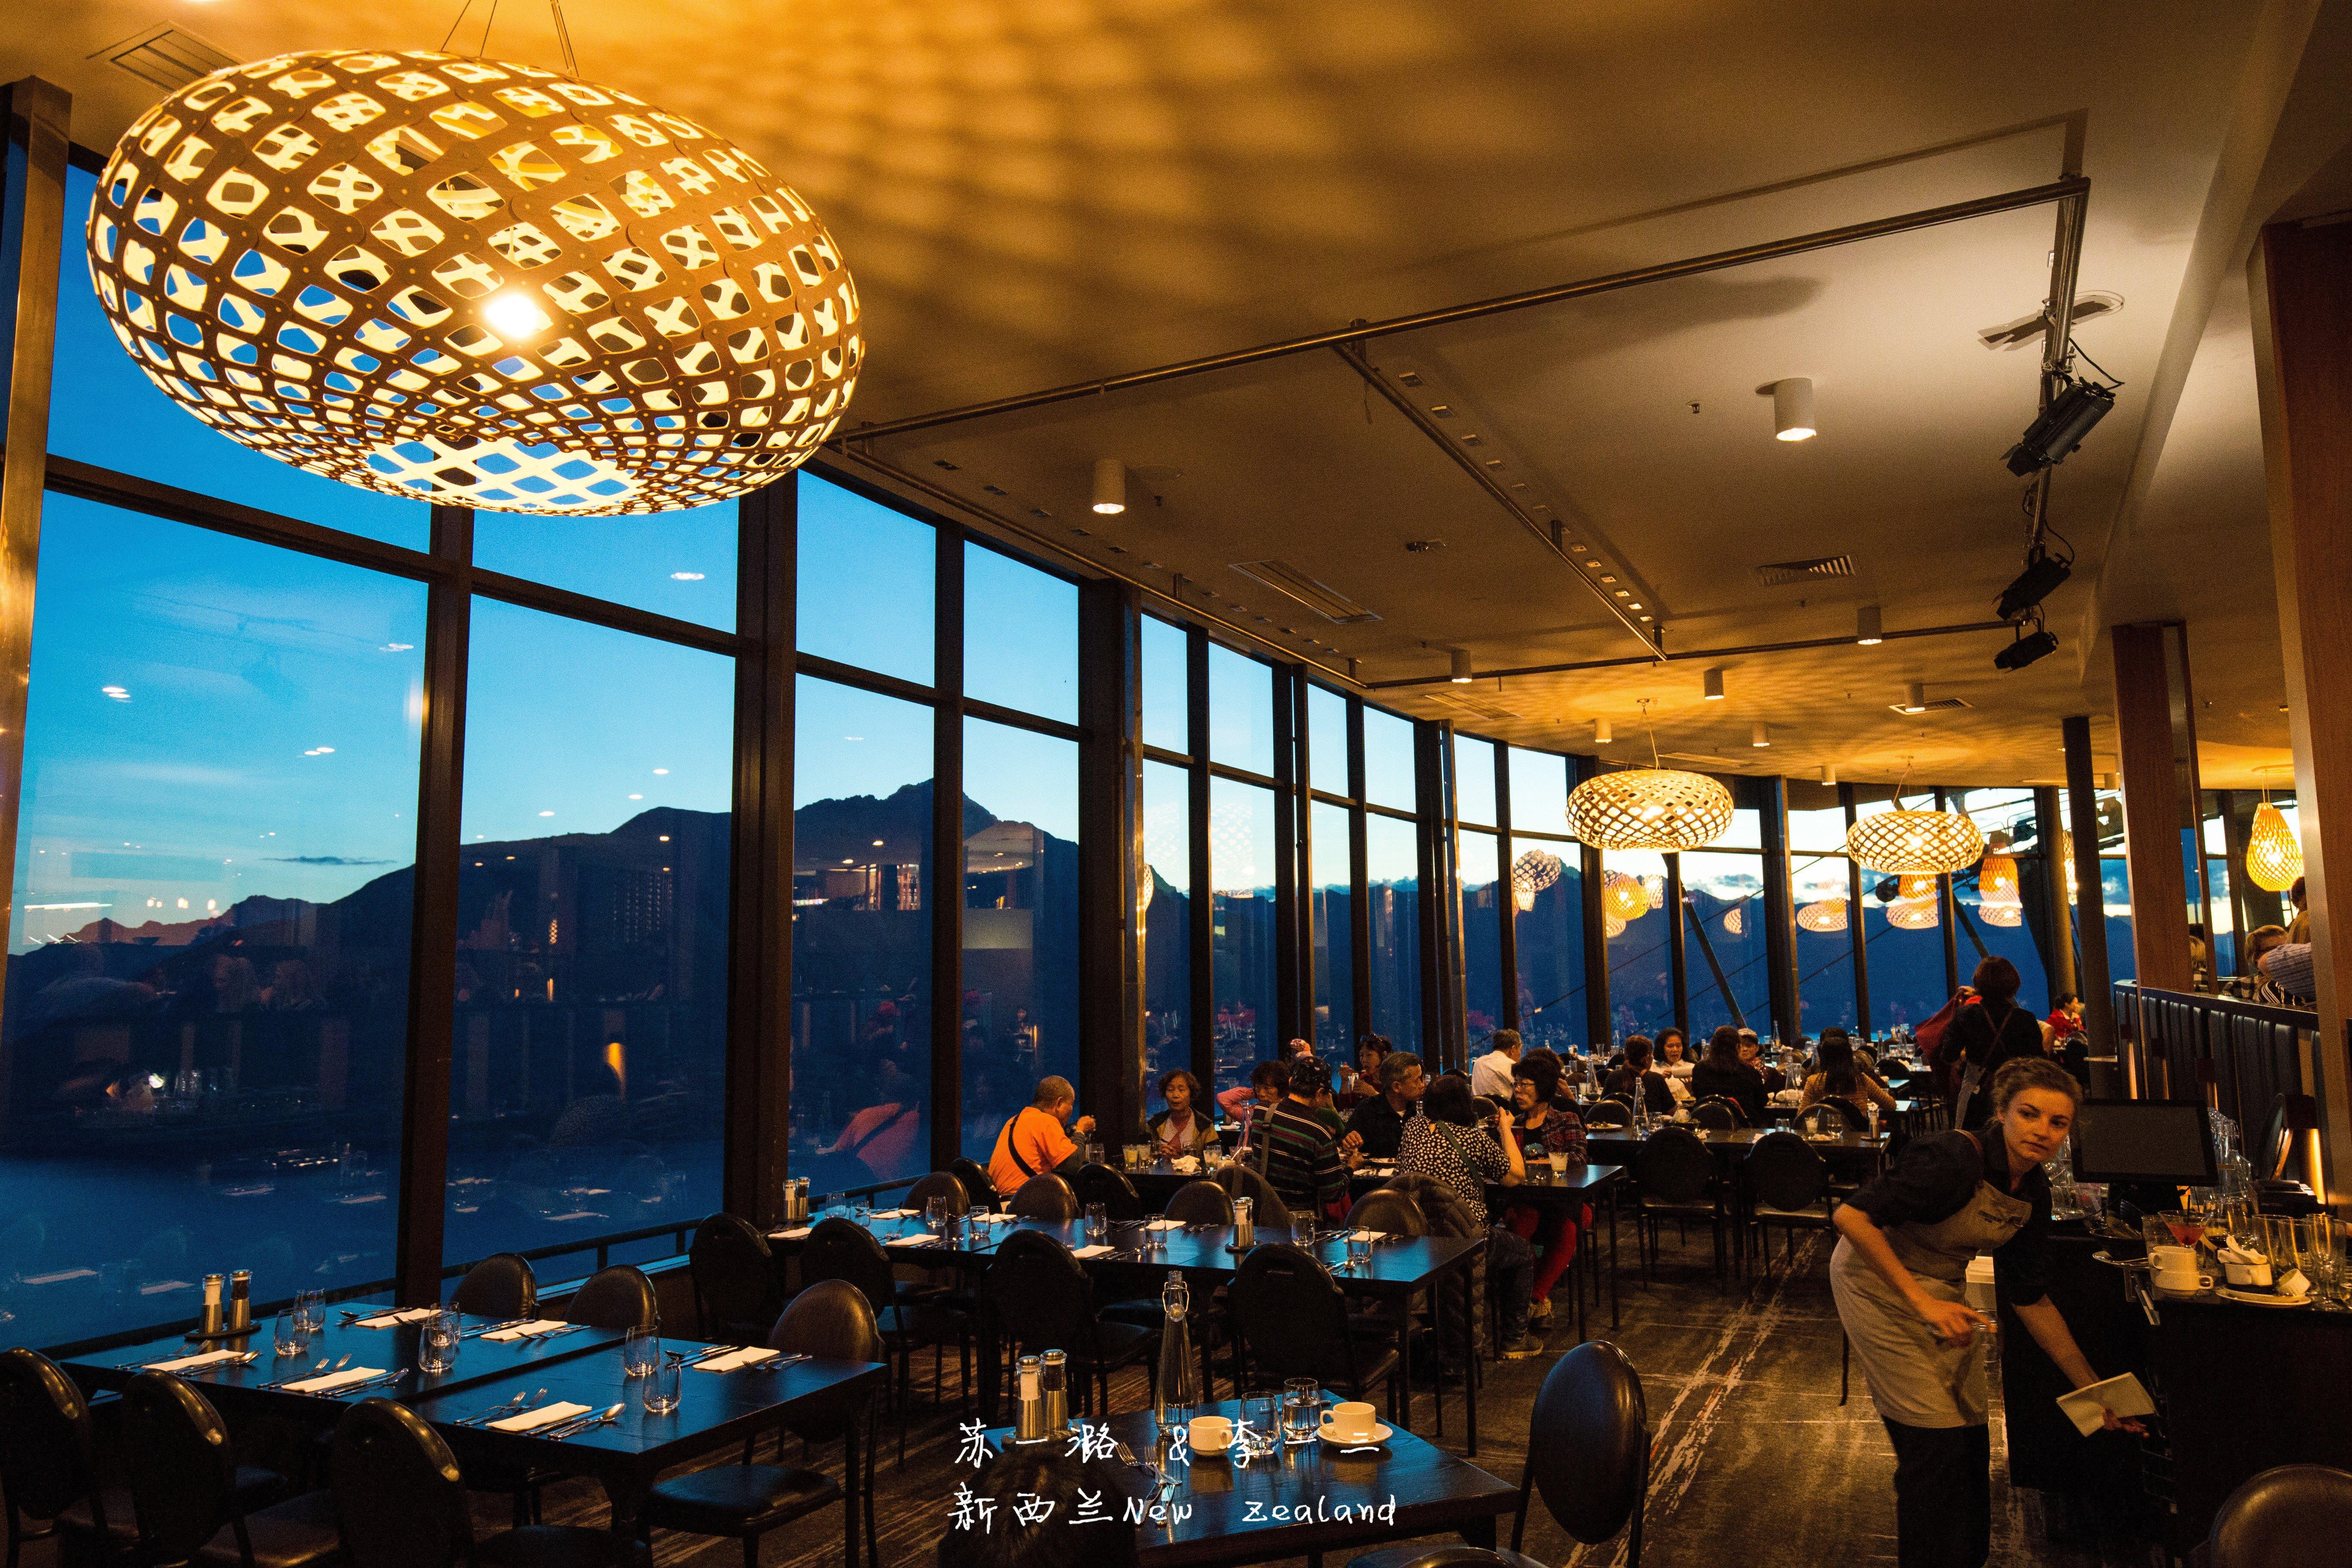 皇后镇天空缆车餐厅